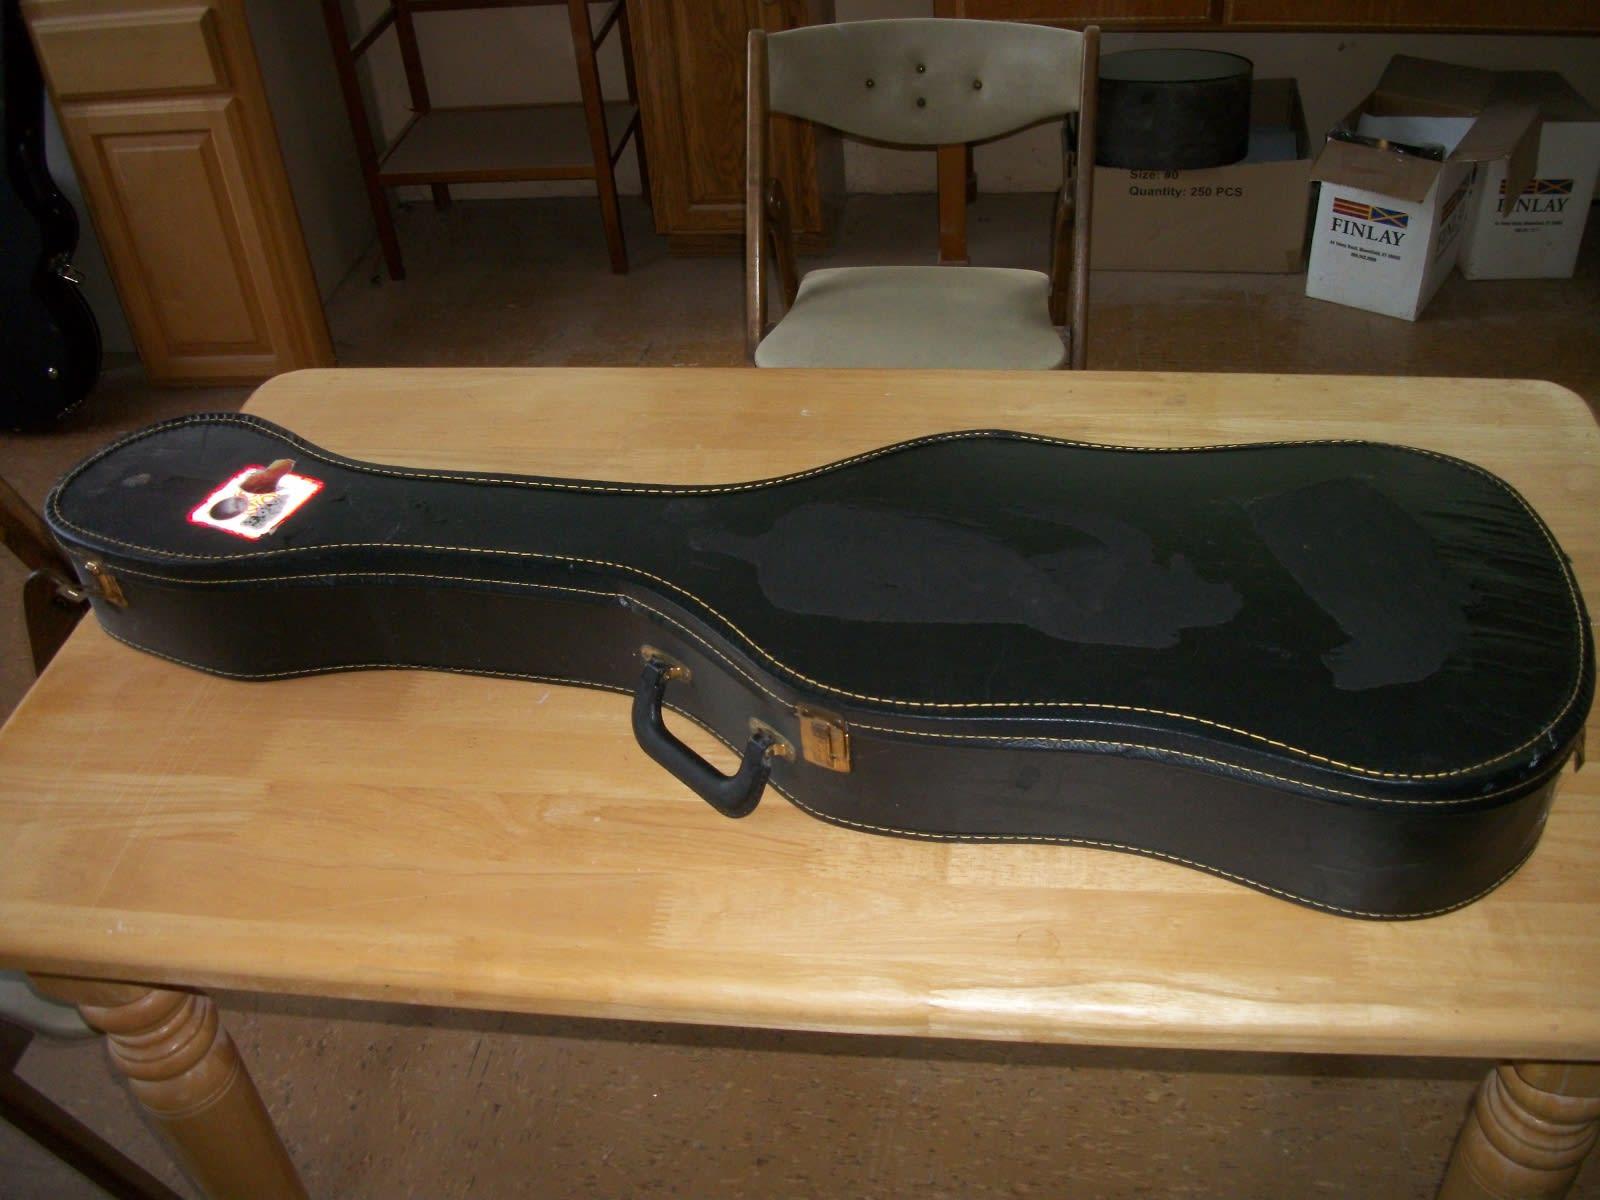 generic guitar case  Black